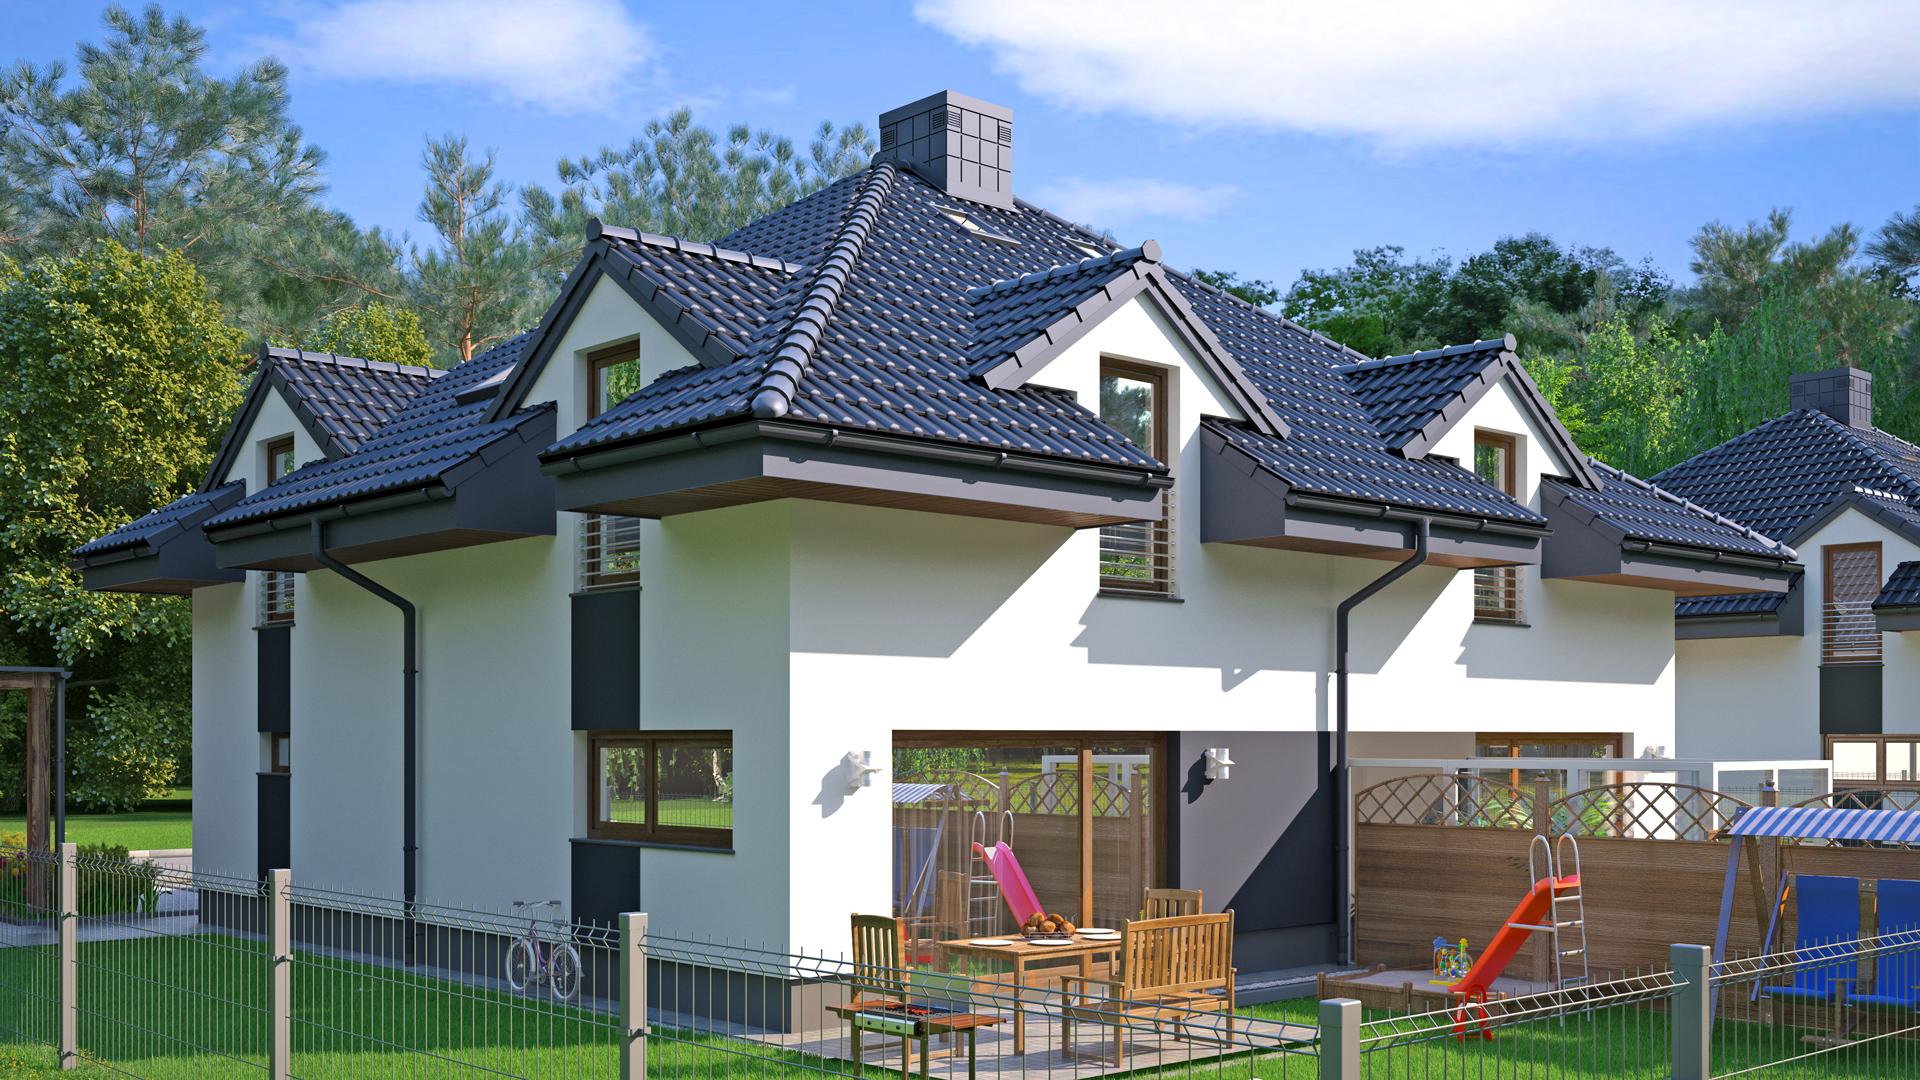 domy-katowice-zarzecze-jargonia4_1